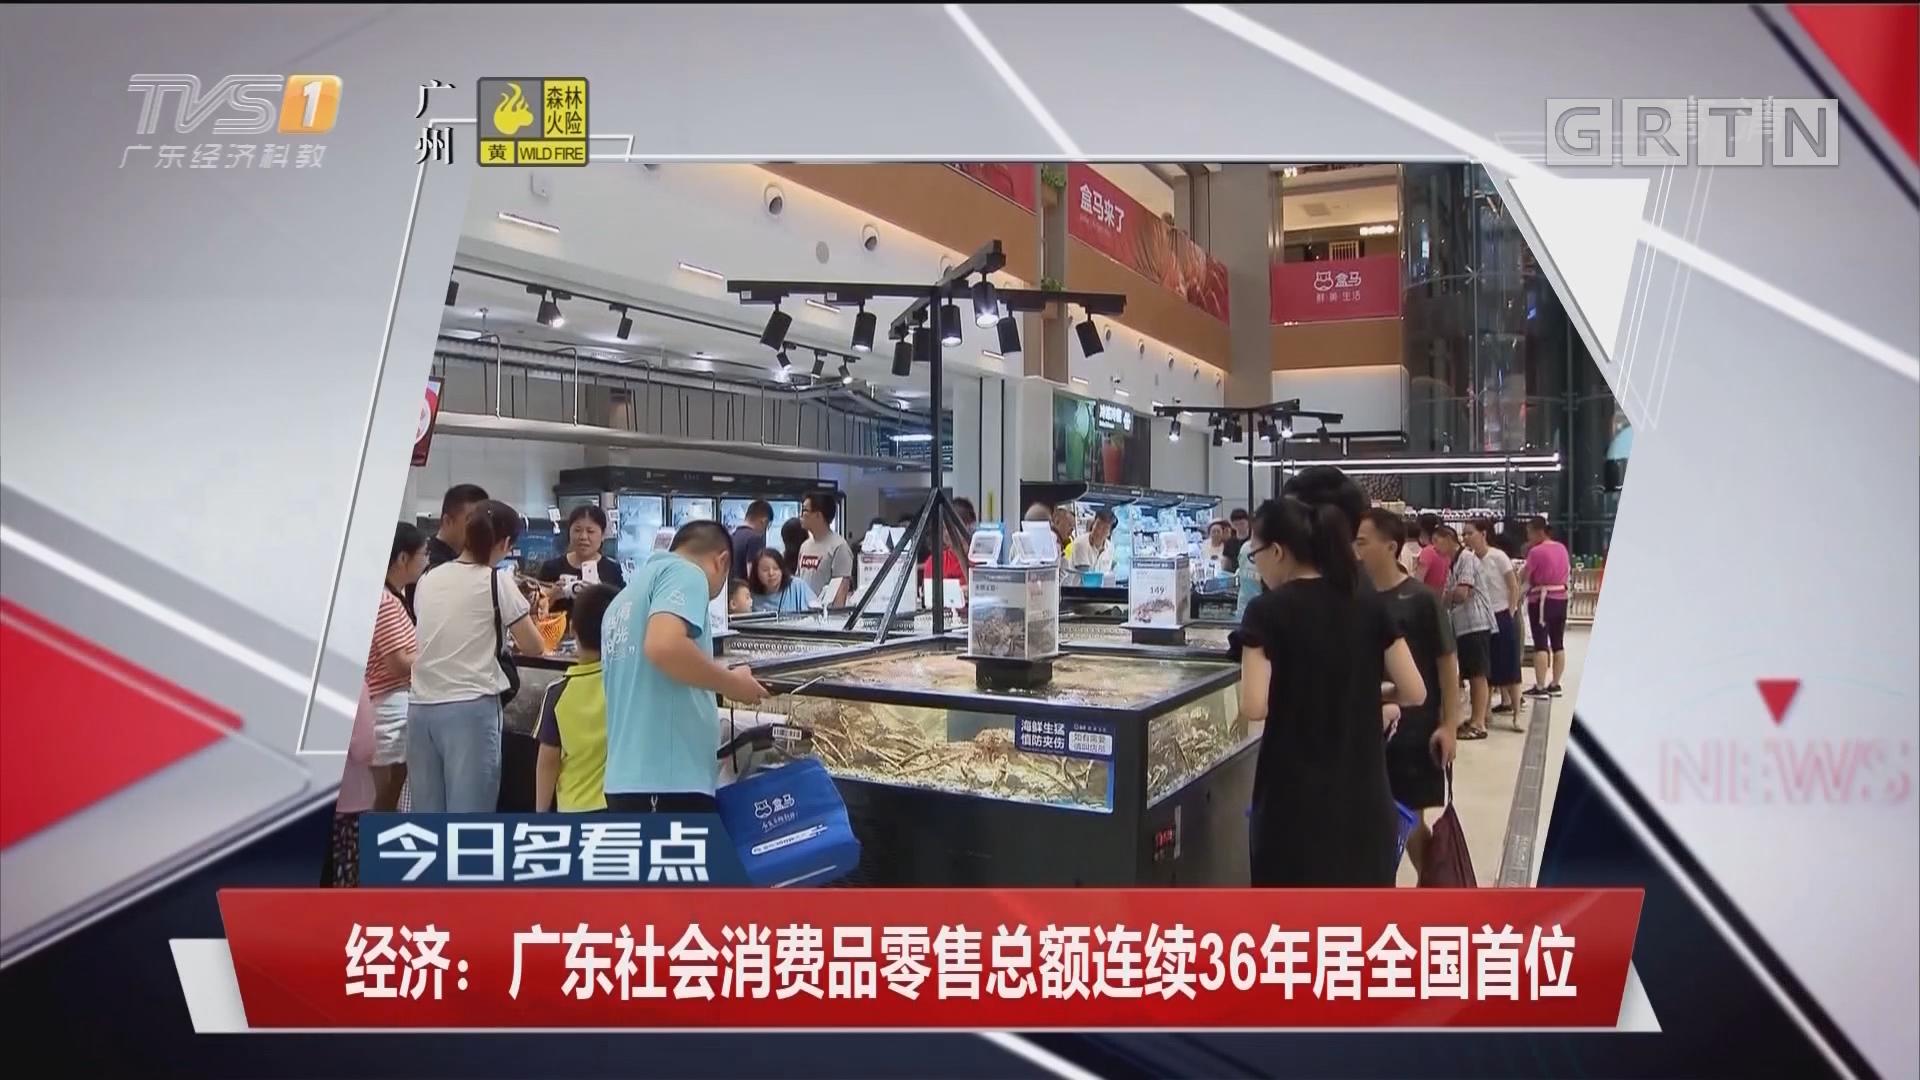 经济:广东社会消费品零售总额连续36年居全国首位